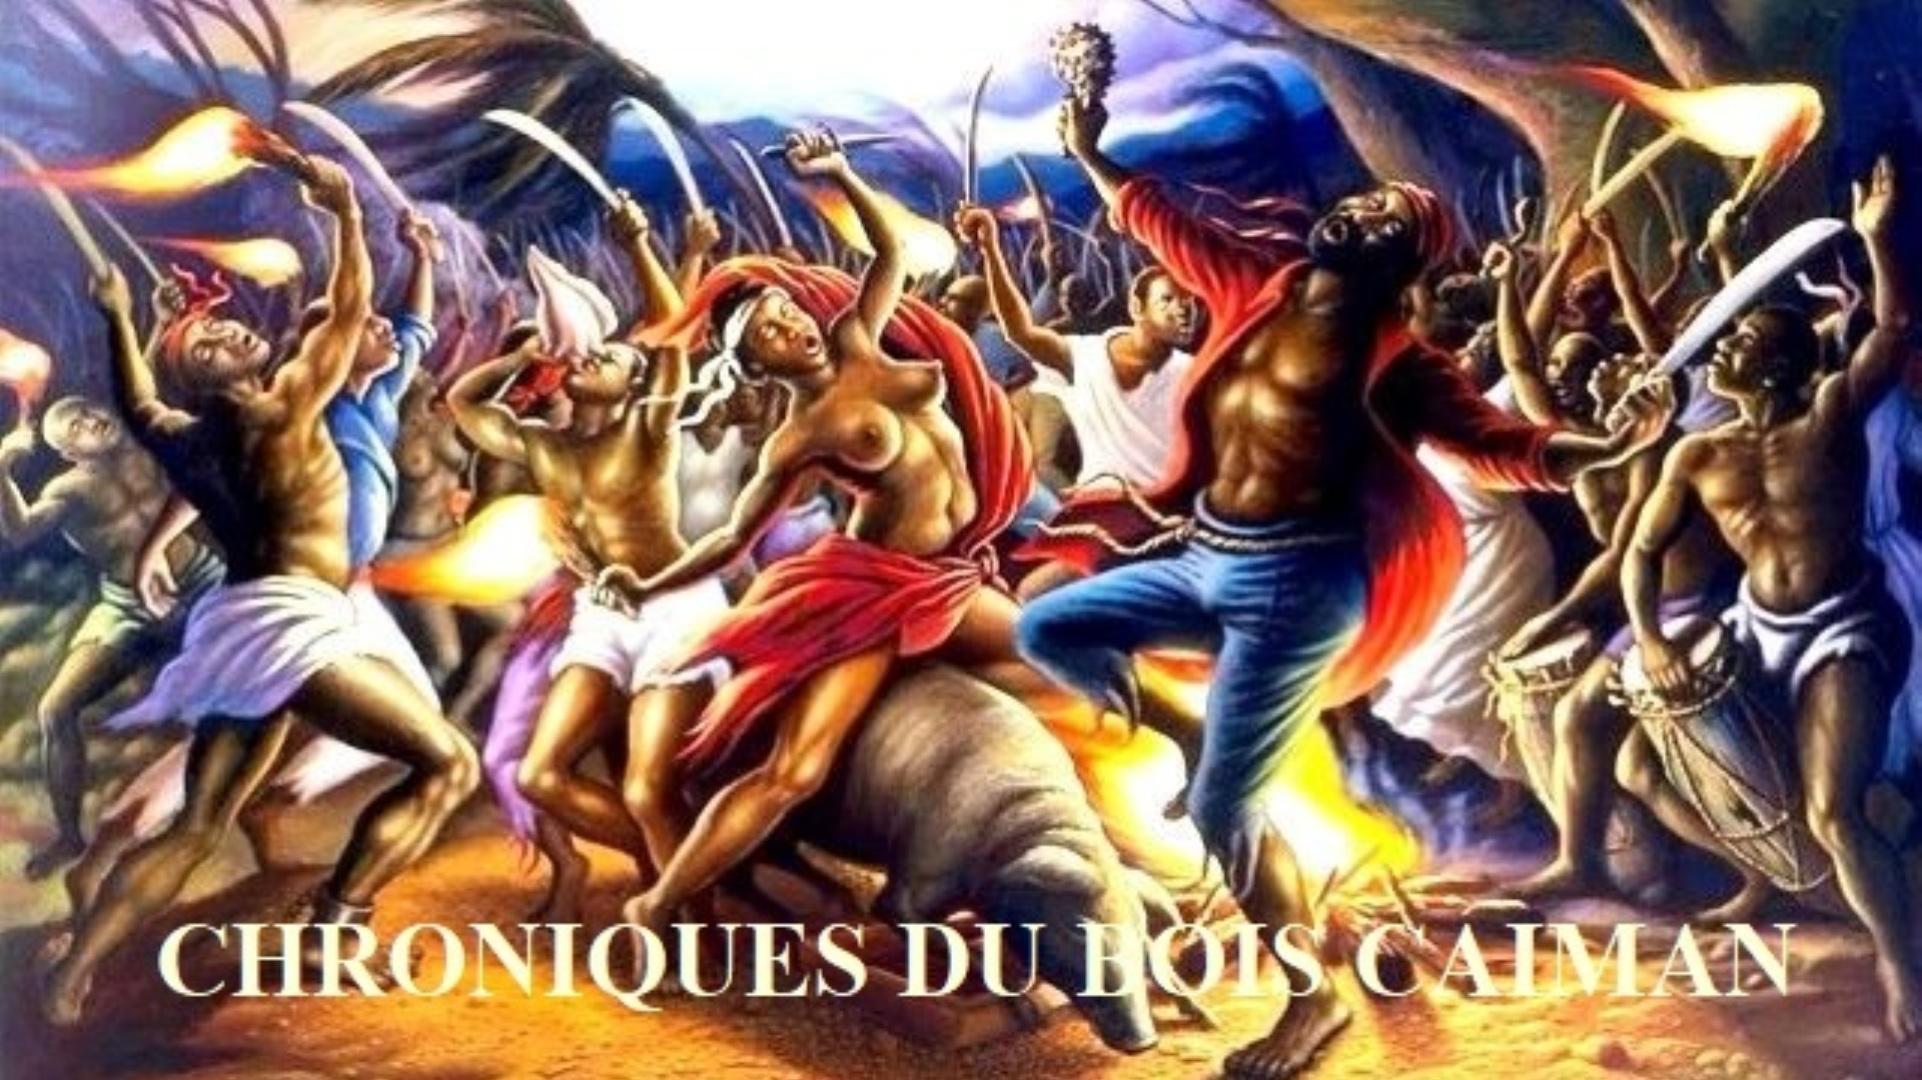 Les Chroniques du Bois Caïman